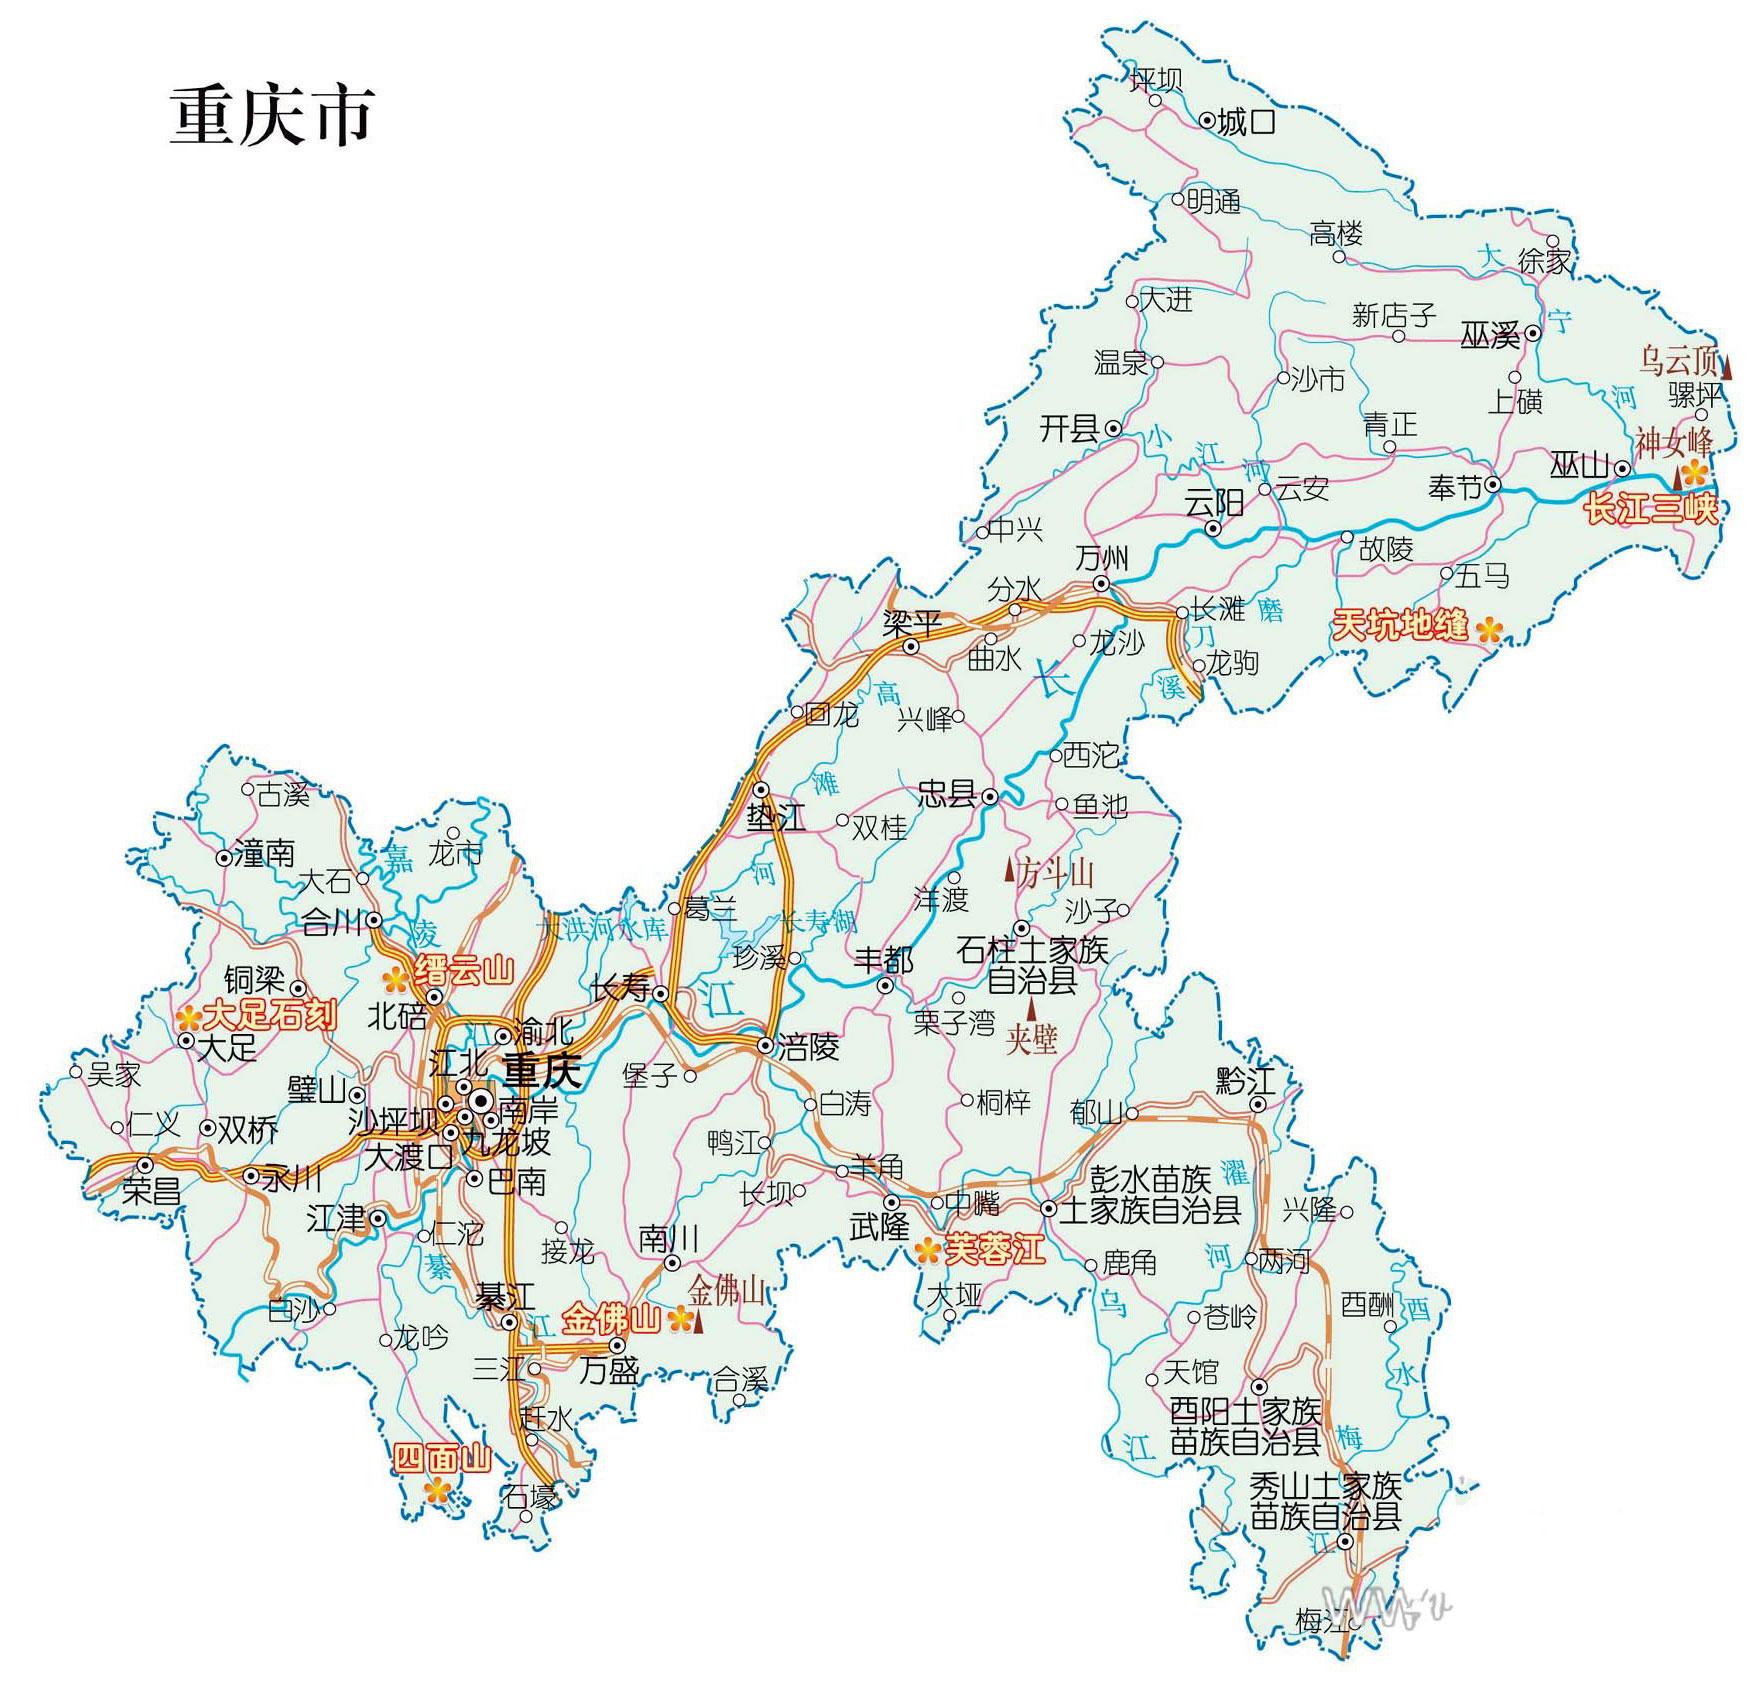 重庆重点旅游景区分布图